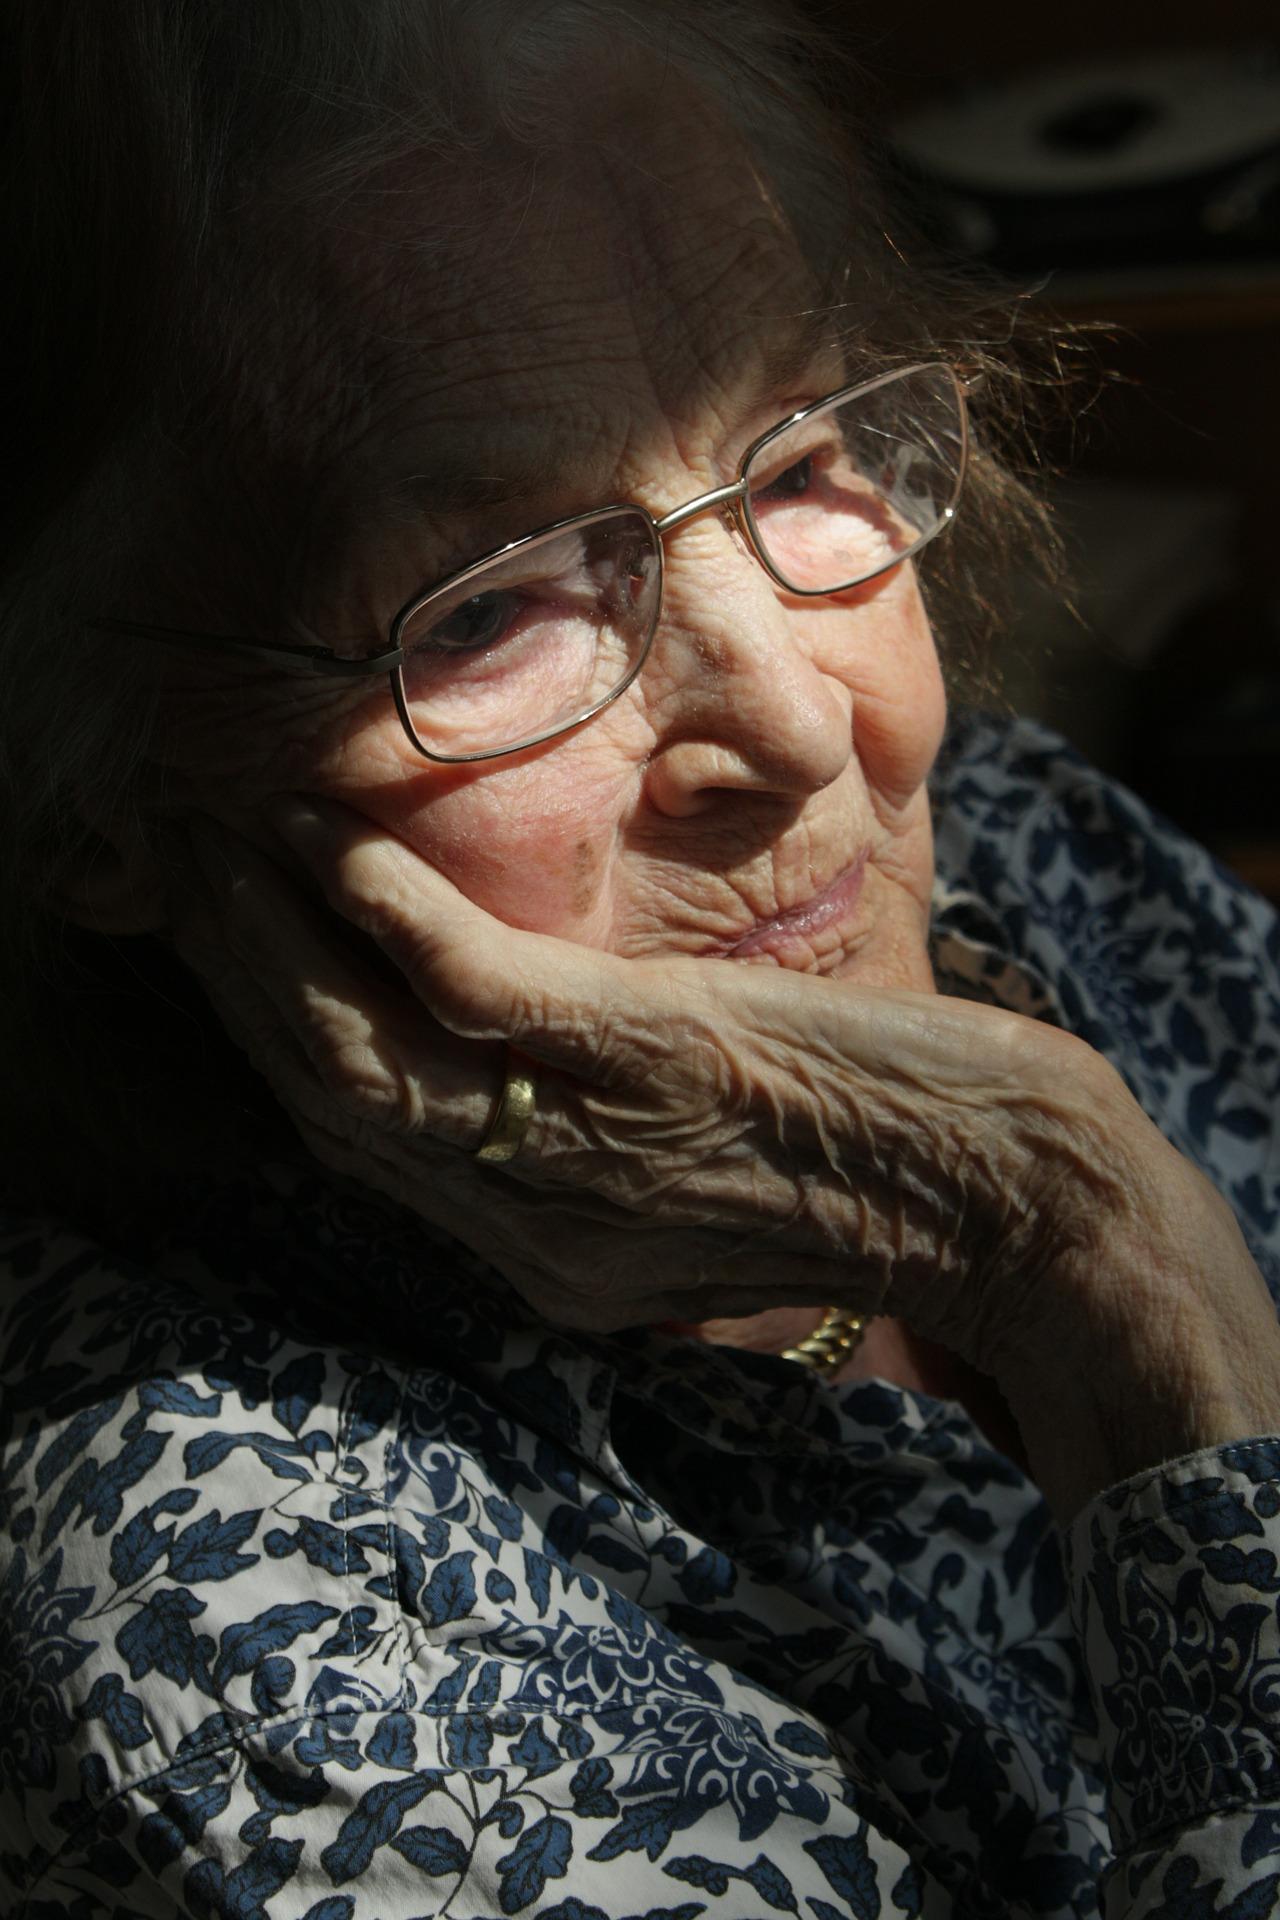 Retinopatia é comum em idosos diabéticos e pode ser prevenida.